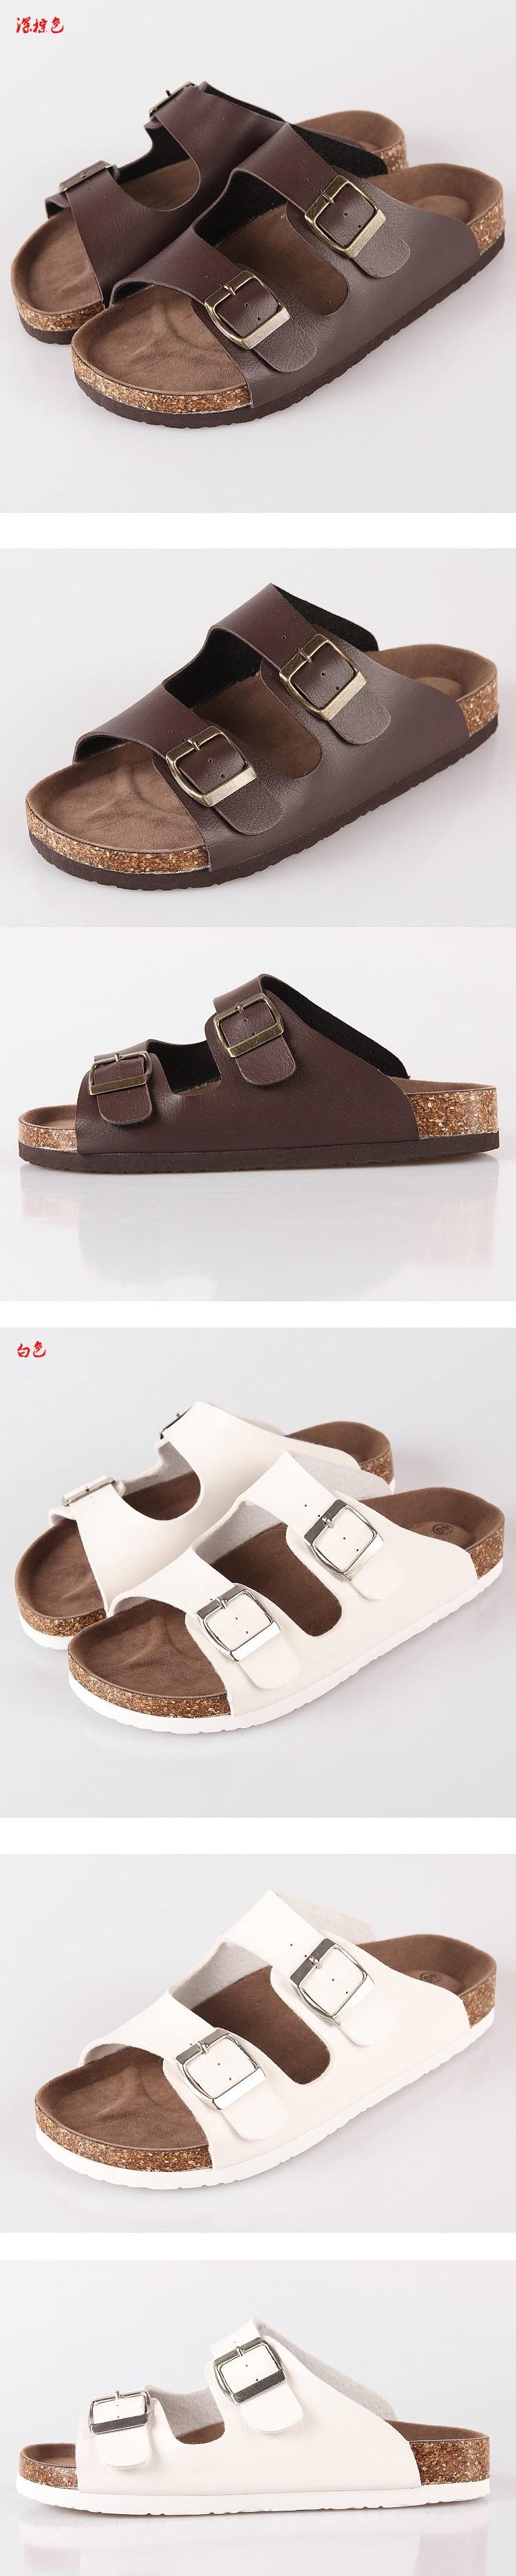 Новые кроссовки обувь женская женщин квартиры birkenstock стиль Корк сандалии большой метрах пляж обувь летом человек Тапочки 04msh007